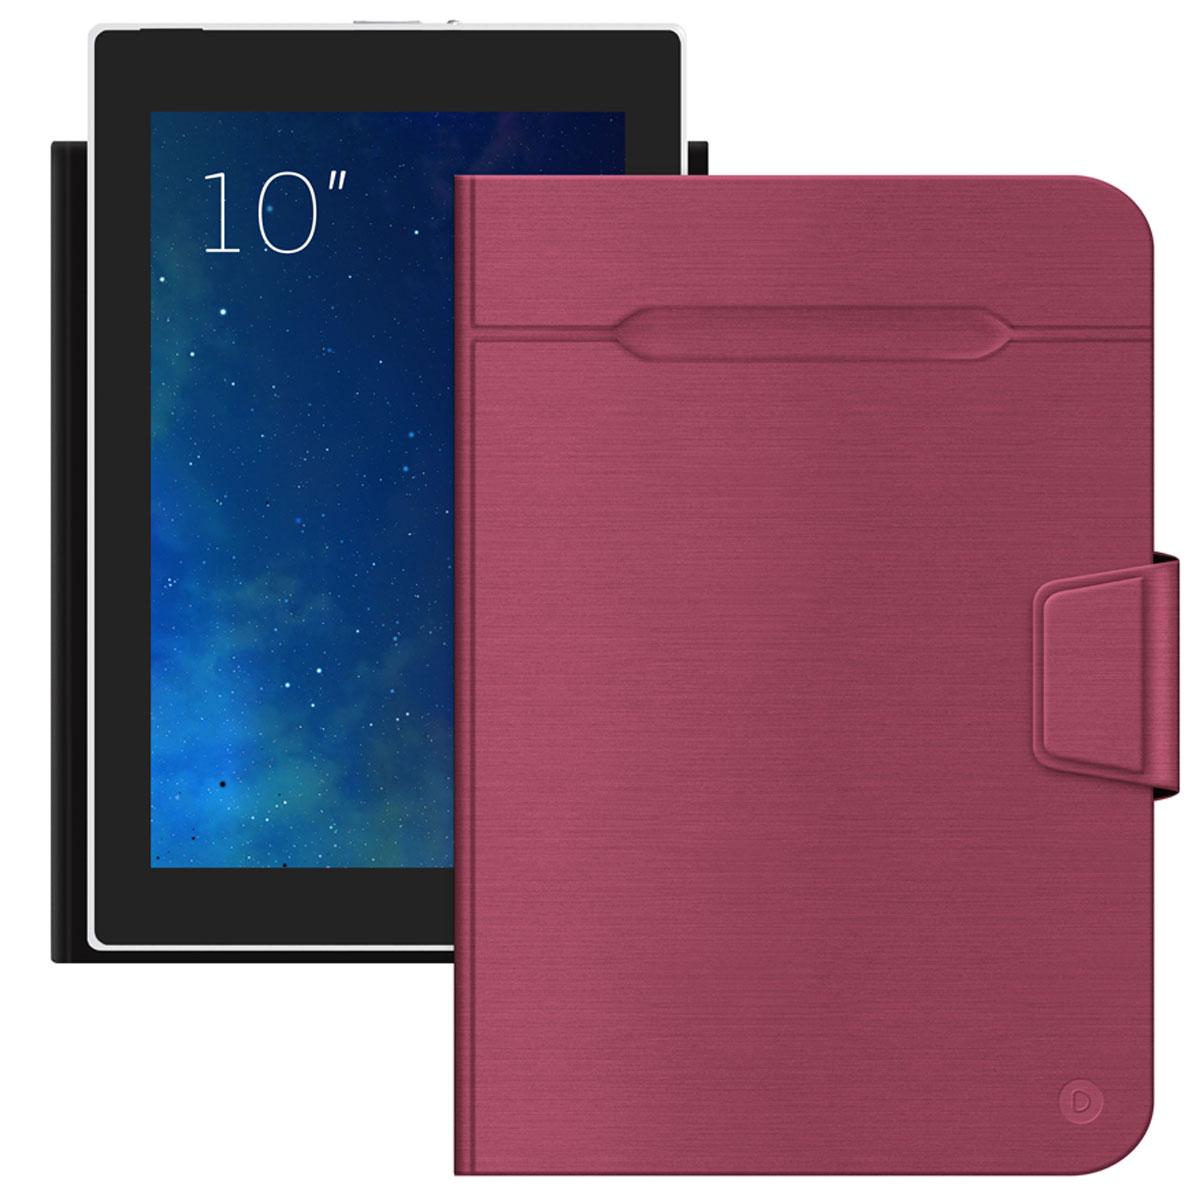 Deppa Wallet Fold �����-��������� ��� ��������� 10'', Red